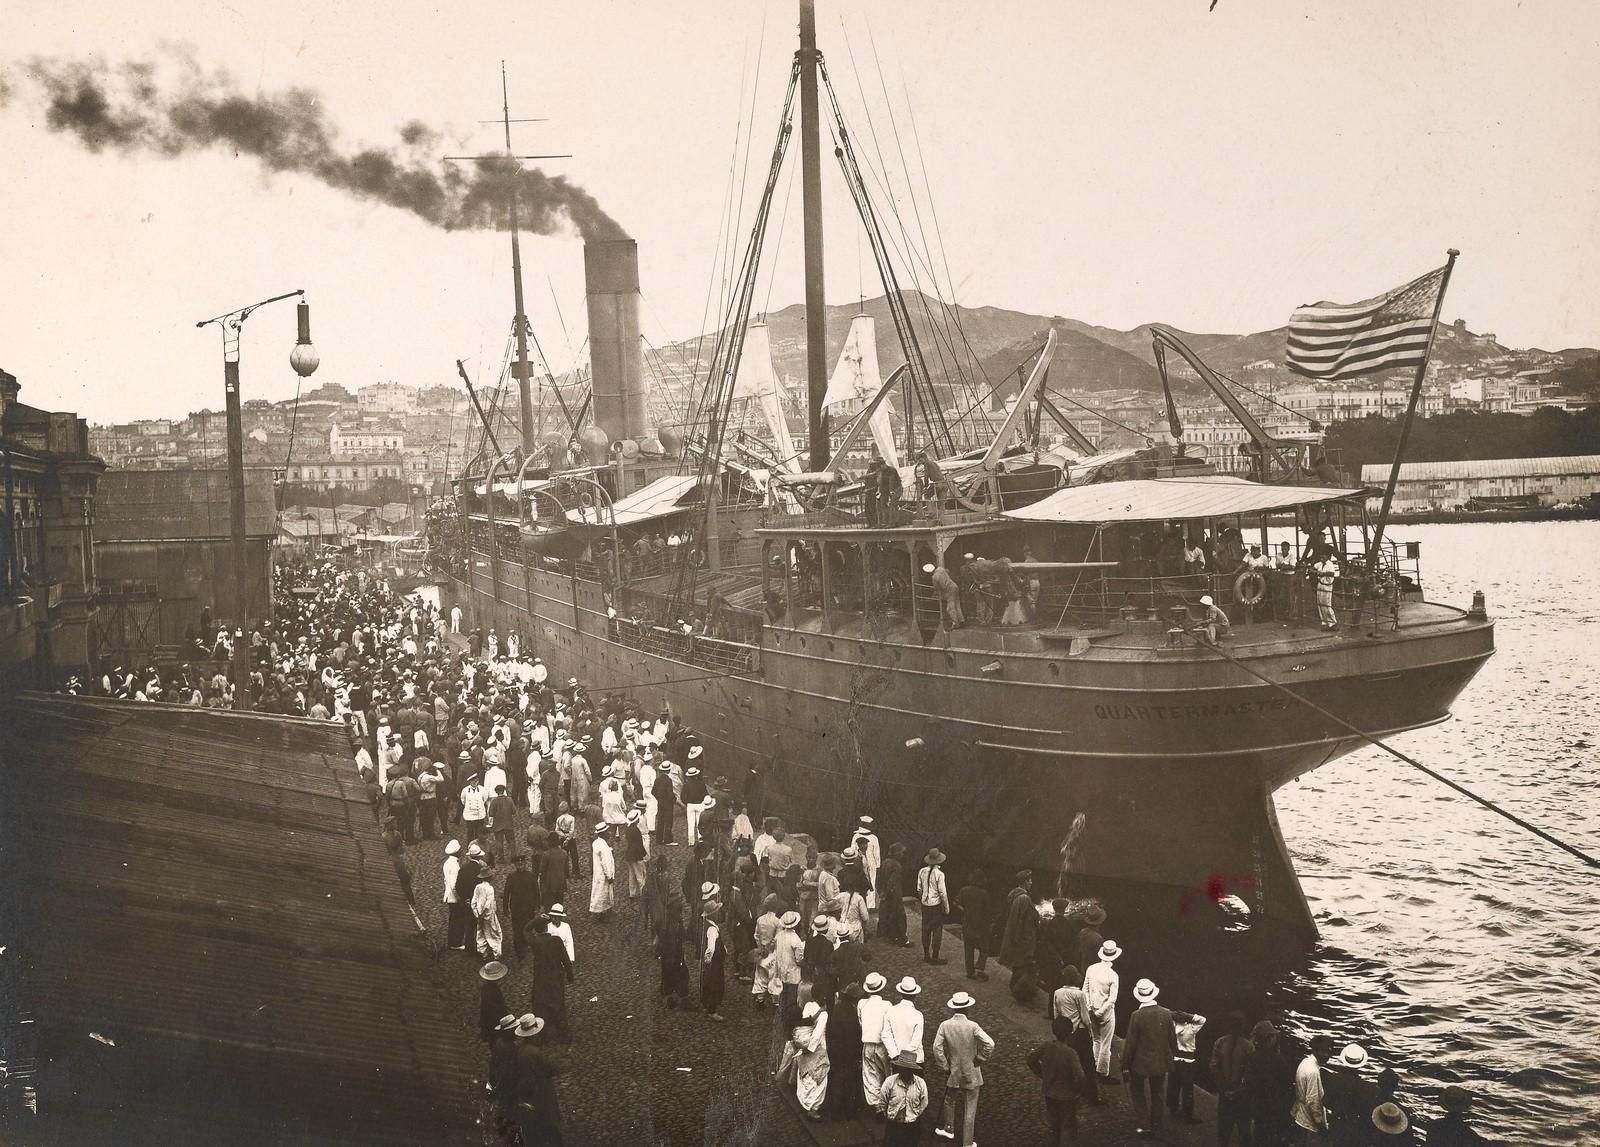 1918. Жители Владивостока встречают корабль с американскими войсками на борту